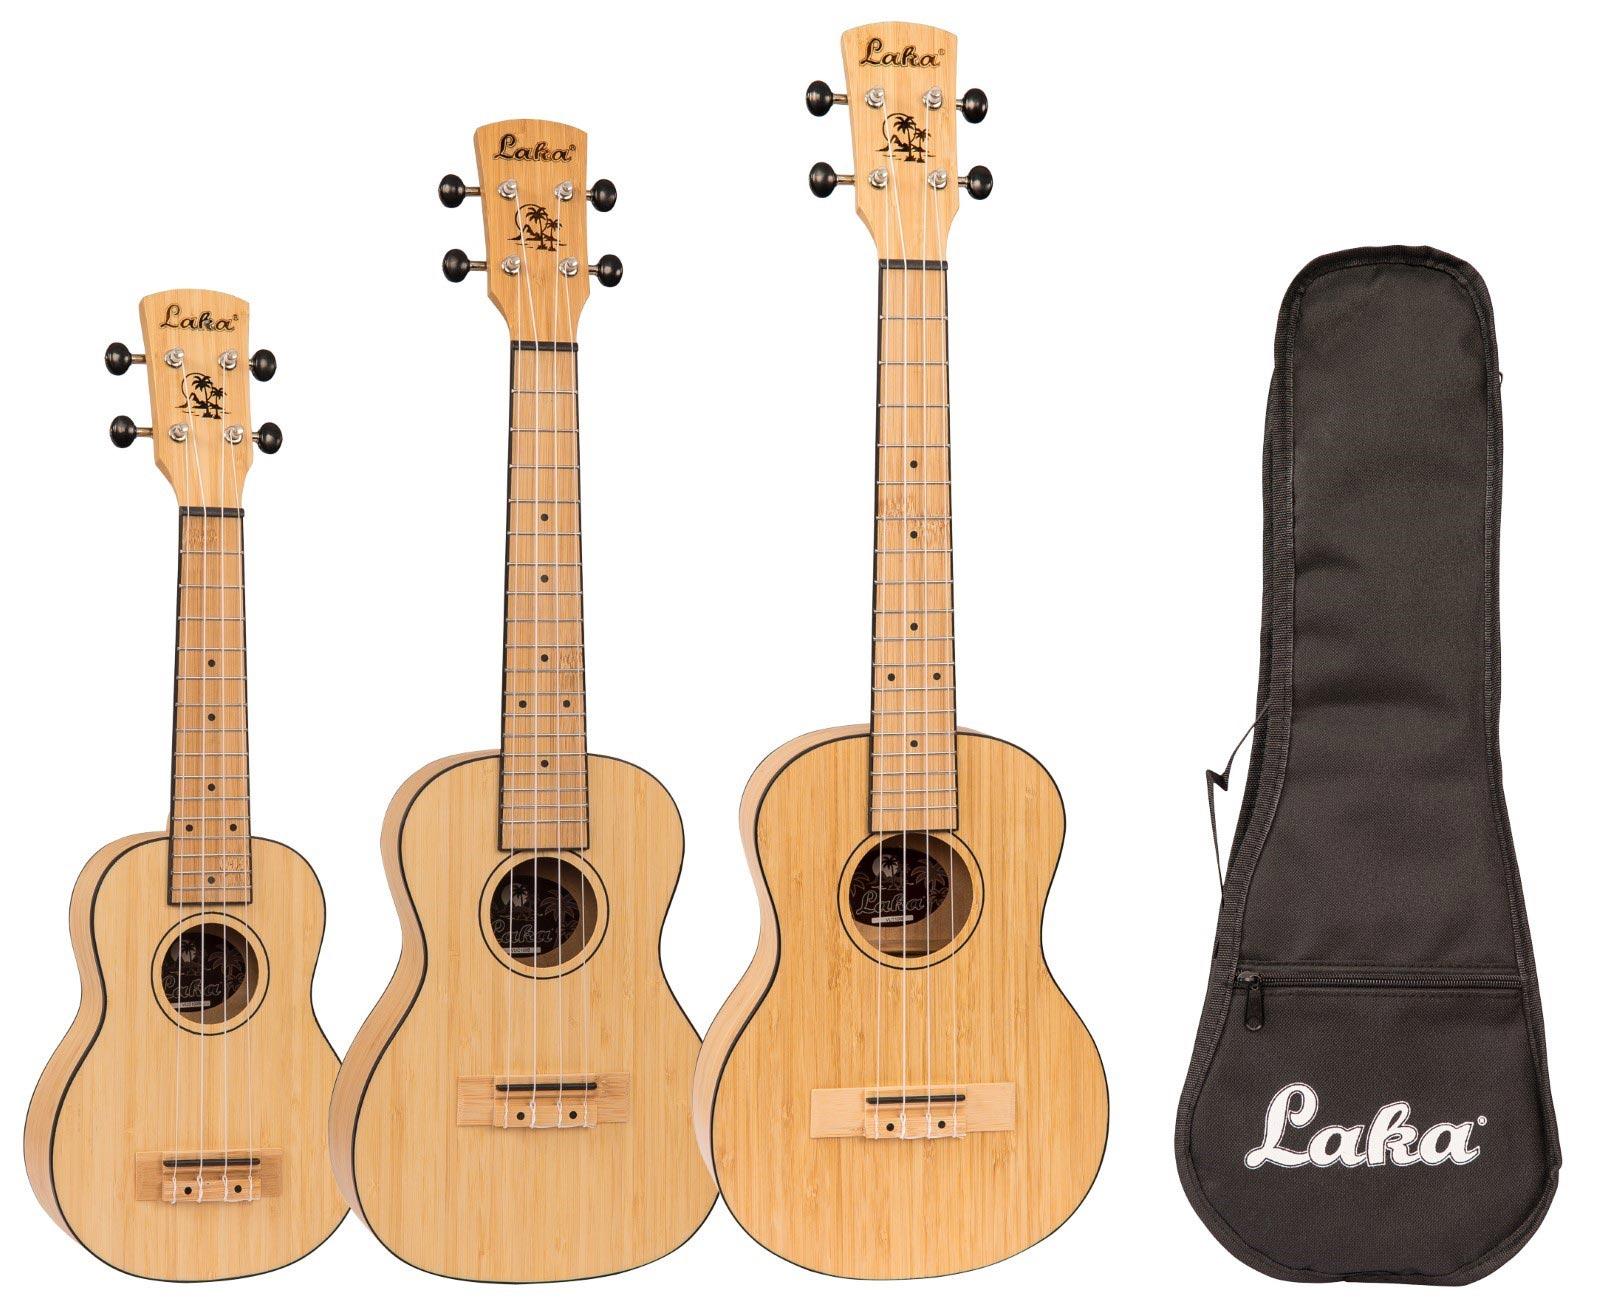 Laka Bamboo Series ukuleles